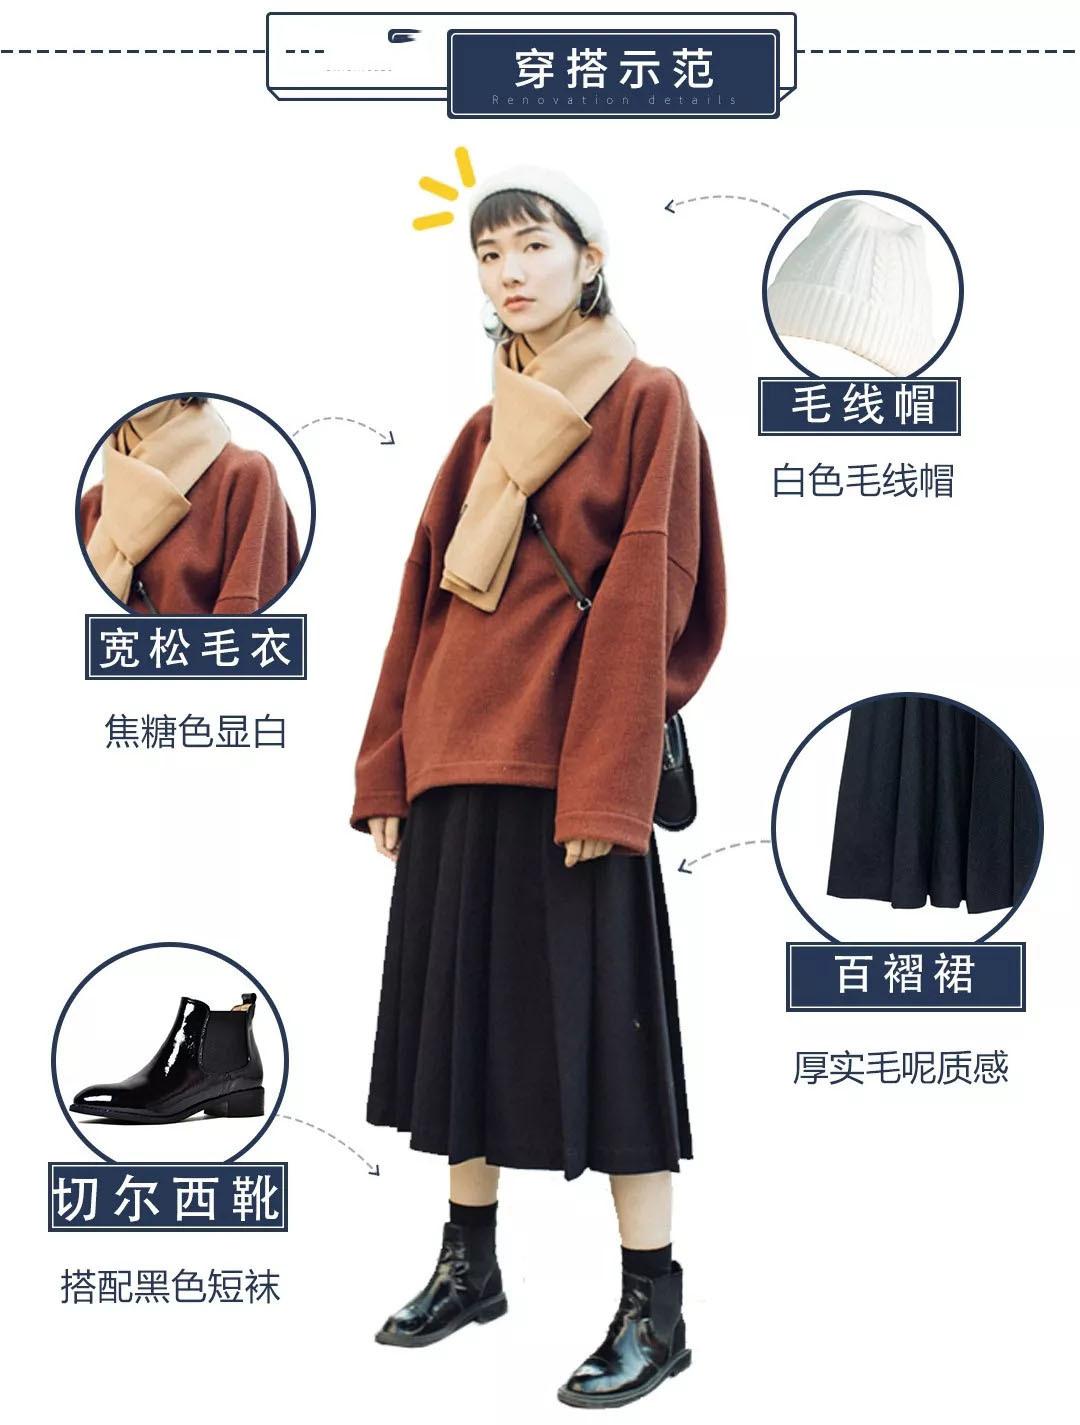 毛衣+半裙=又瘦又美,14种搭配涵盖所有裙子,就怕你不舍得美